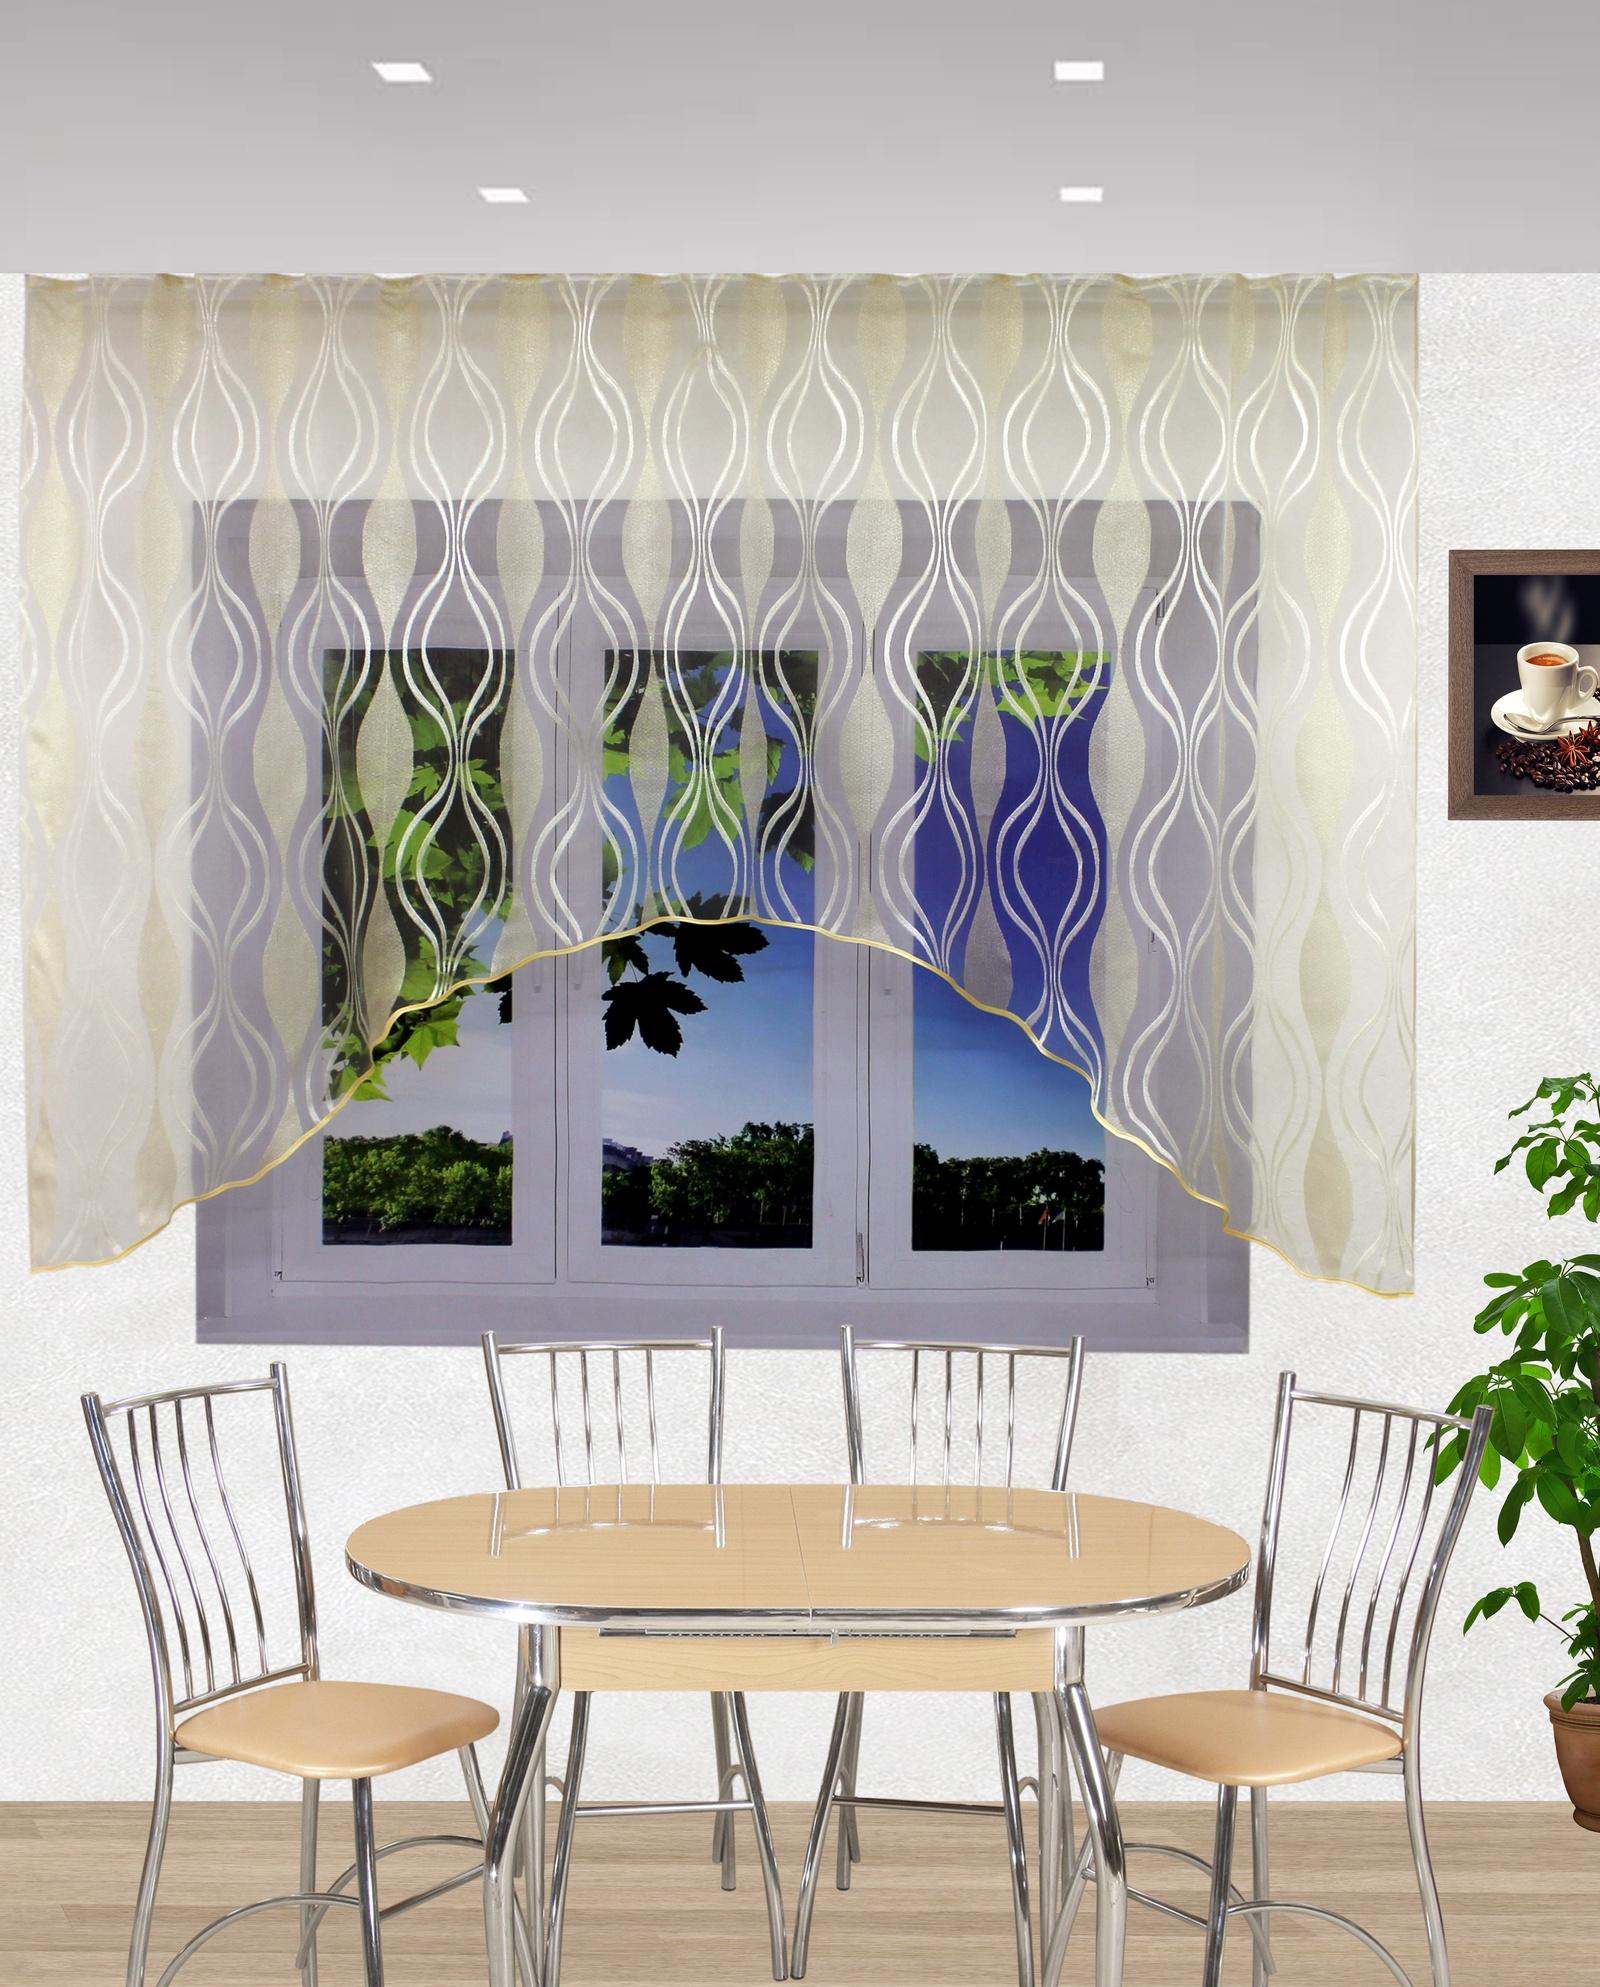 шторы на окно в кухне модерн фото городе много